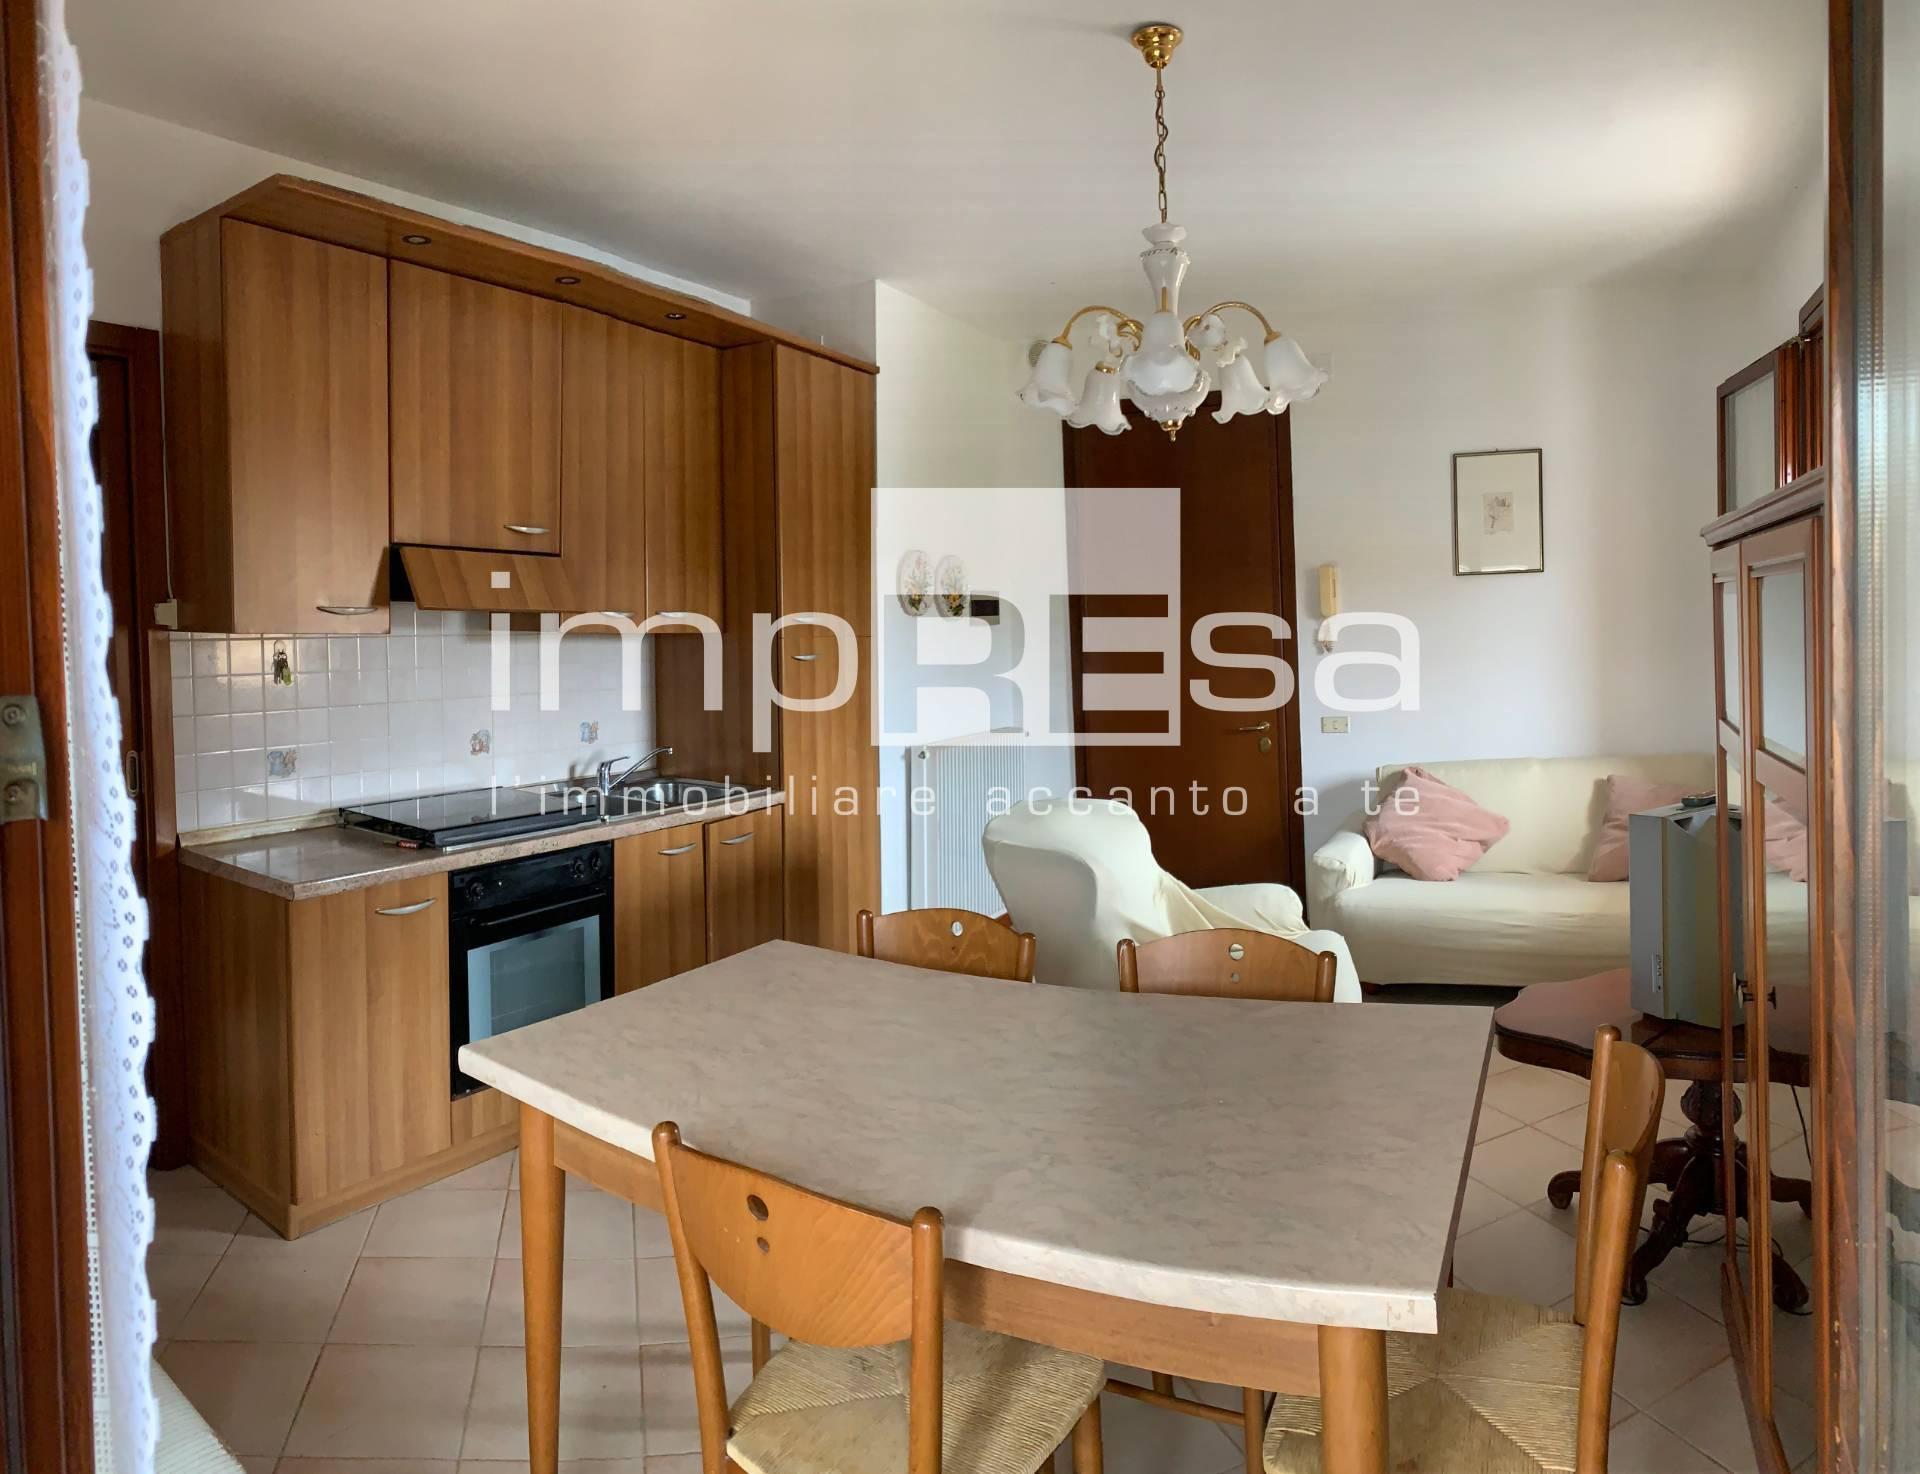 Appartamento in vendita a Treviso, 4 locali, zona Località: S.Lazzaro, prezzo € 130.000   PortaleAgenzieImmobiliari.it